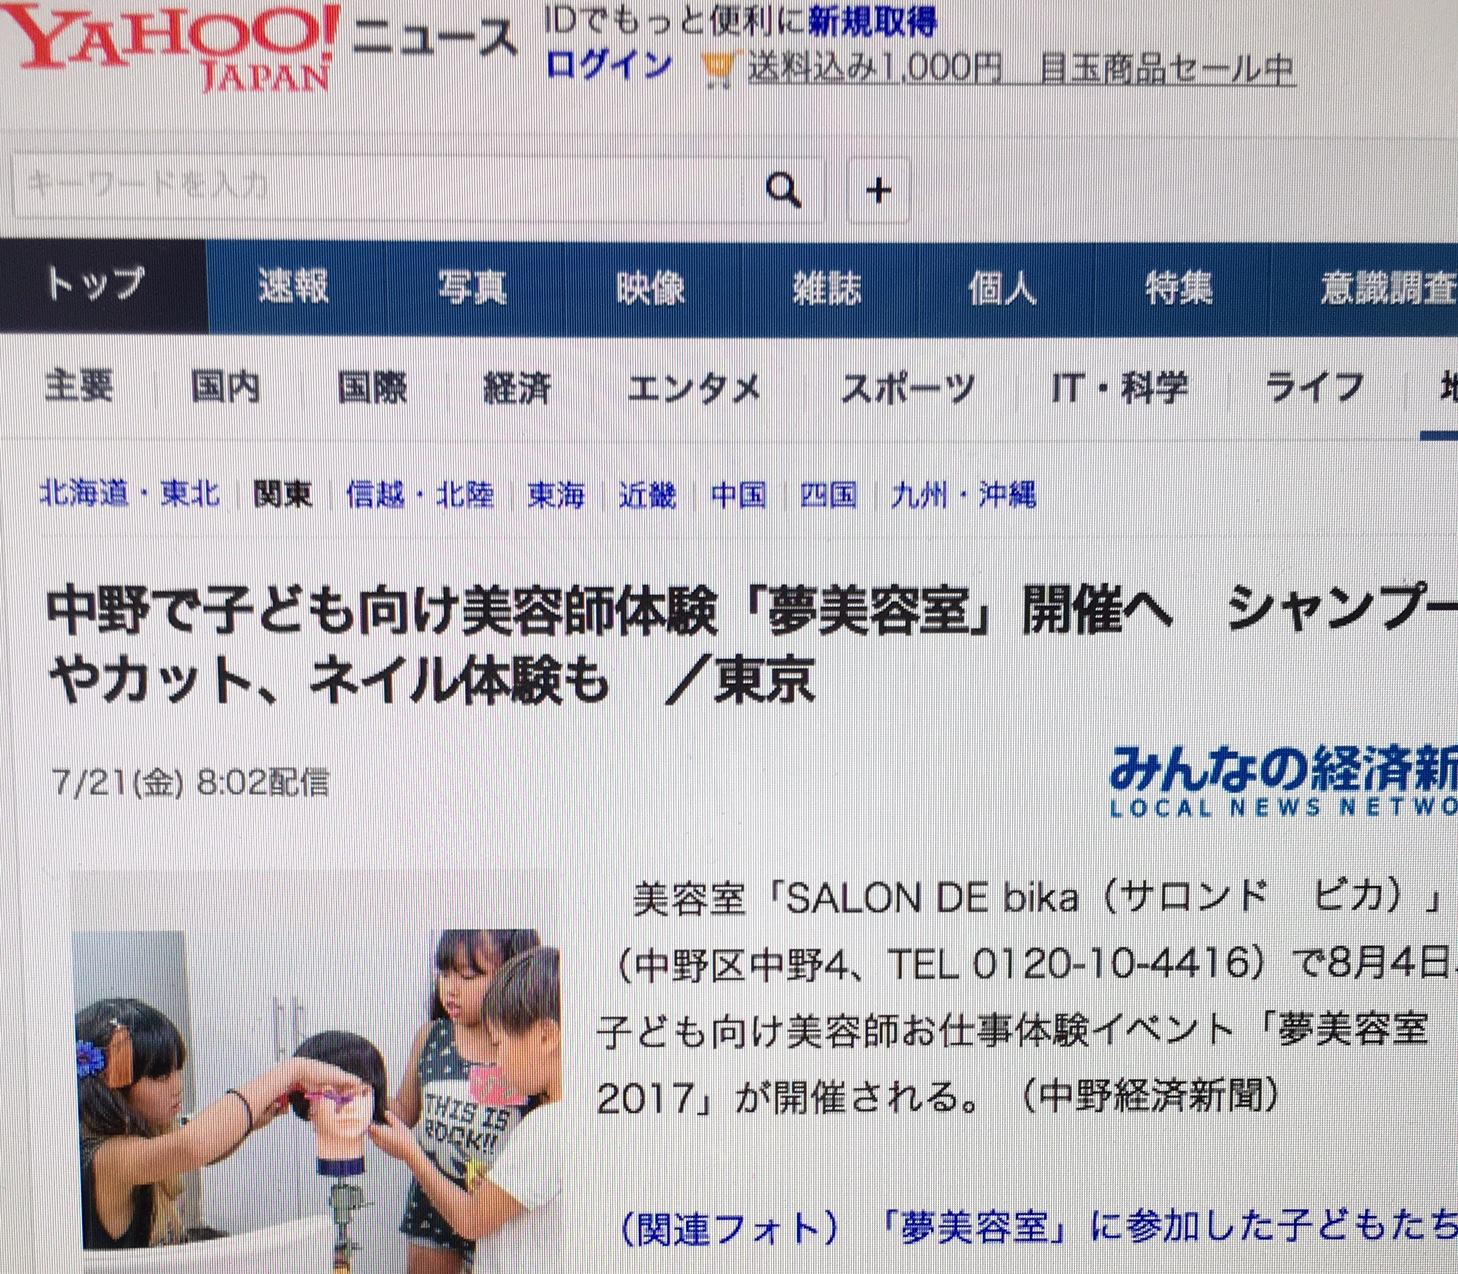 ヤフーニュース&中野経済新聞に掲載して頂きました!